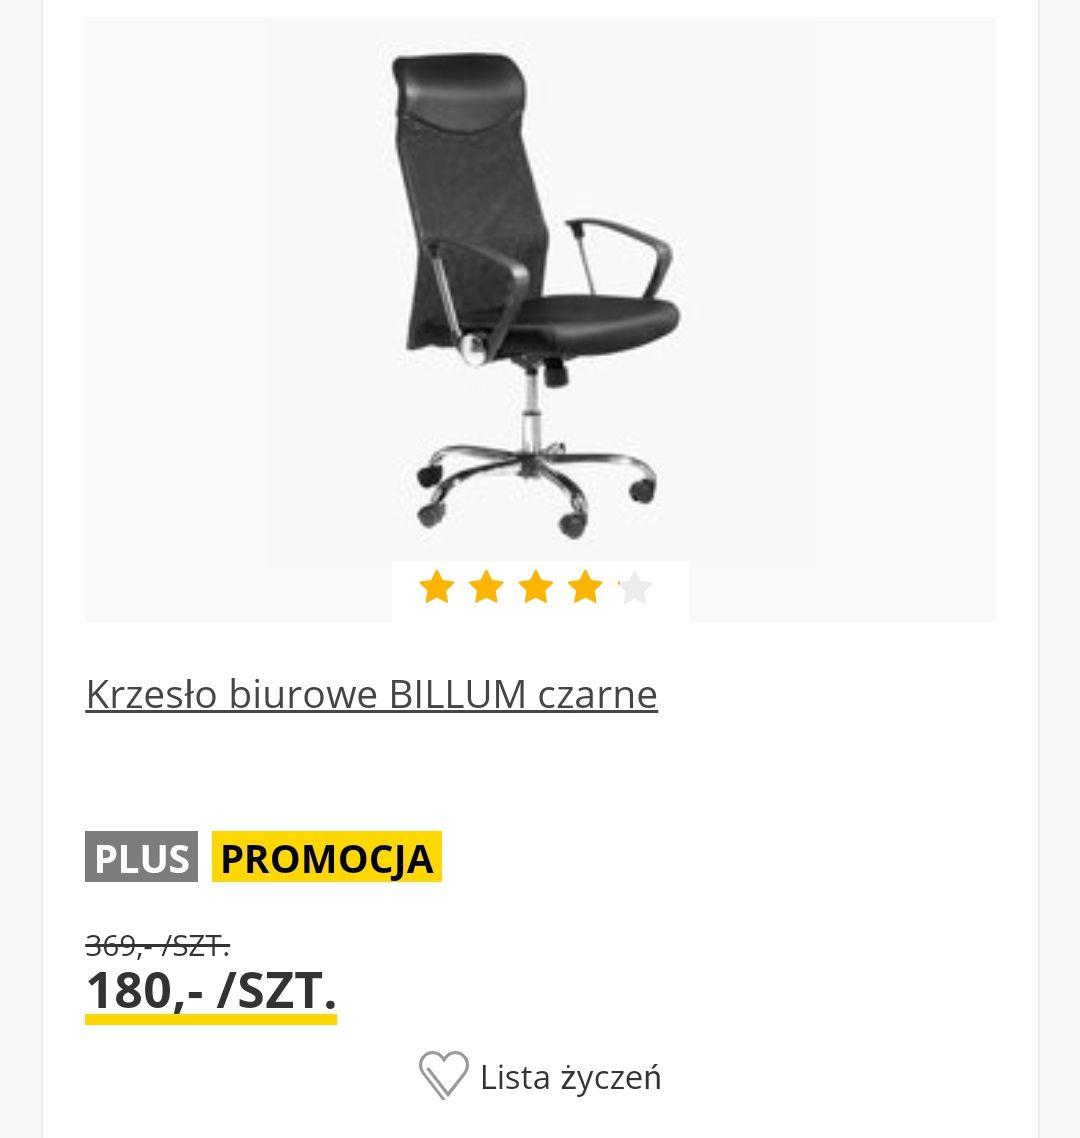 Krzesło biurowe BILLUM czarne